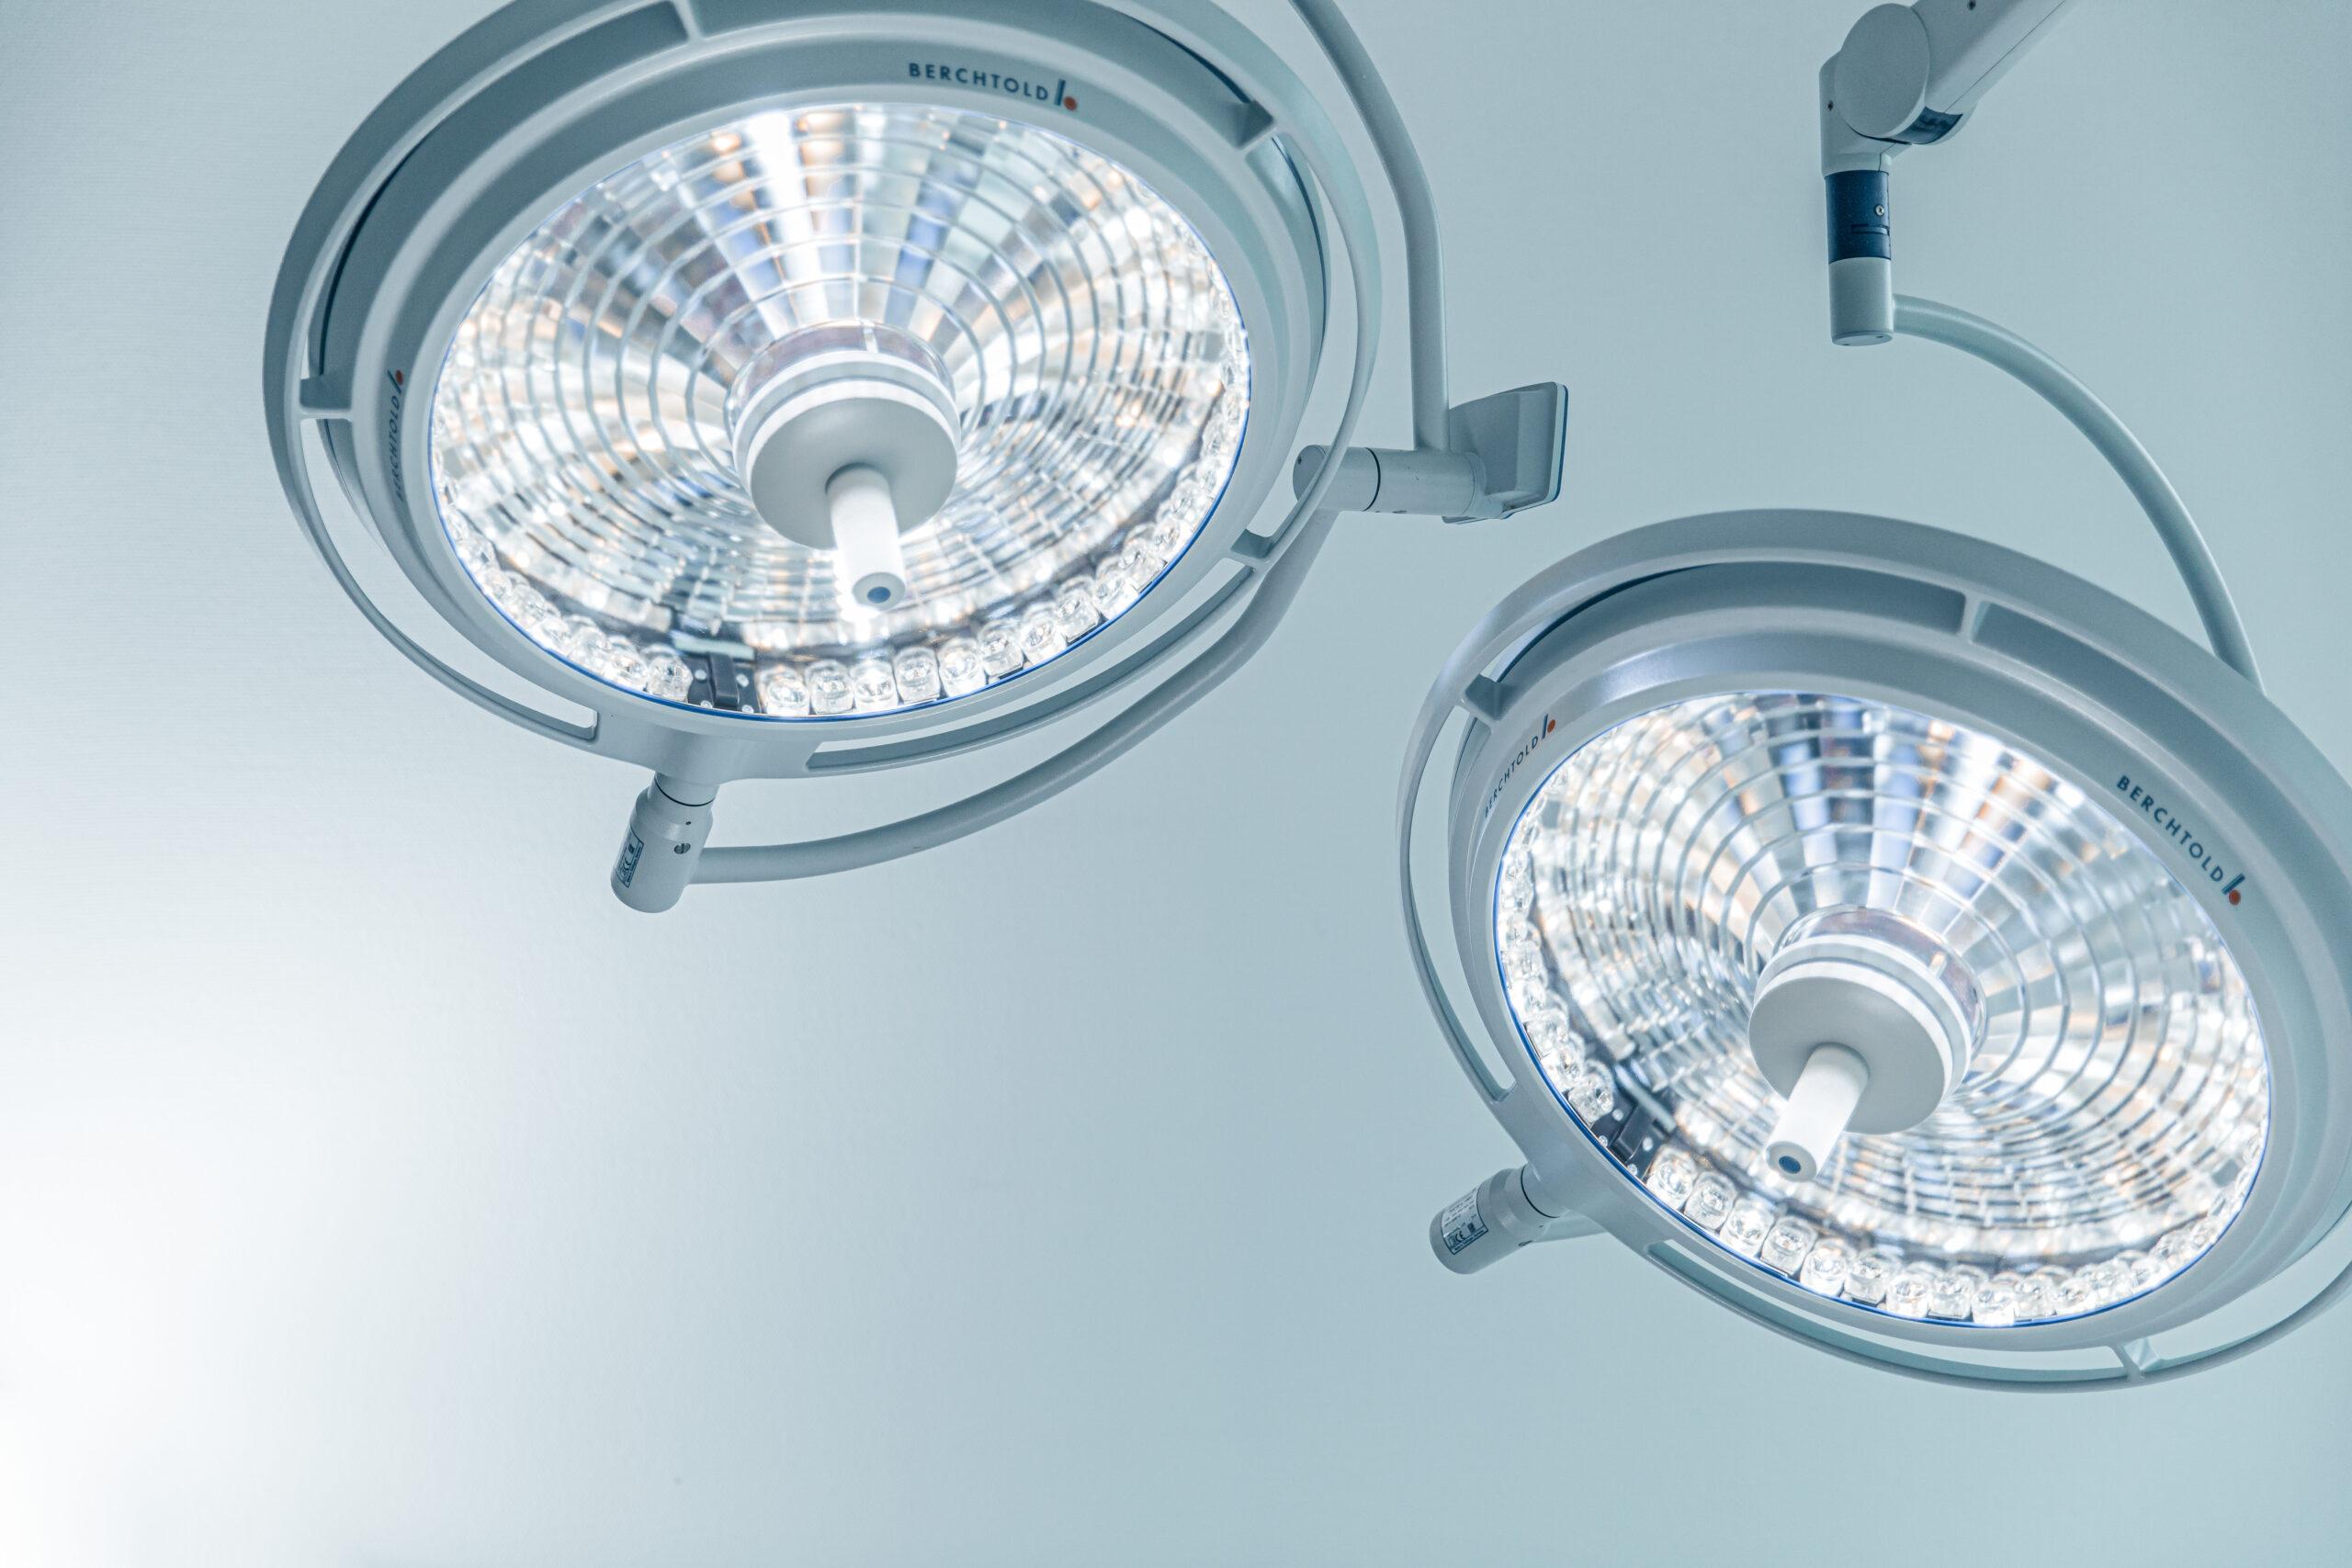 LIMBECK-172-stryker-berchtold-op-leuchten